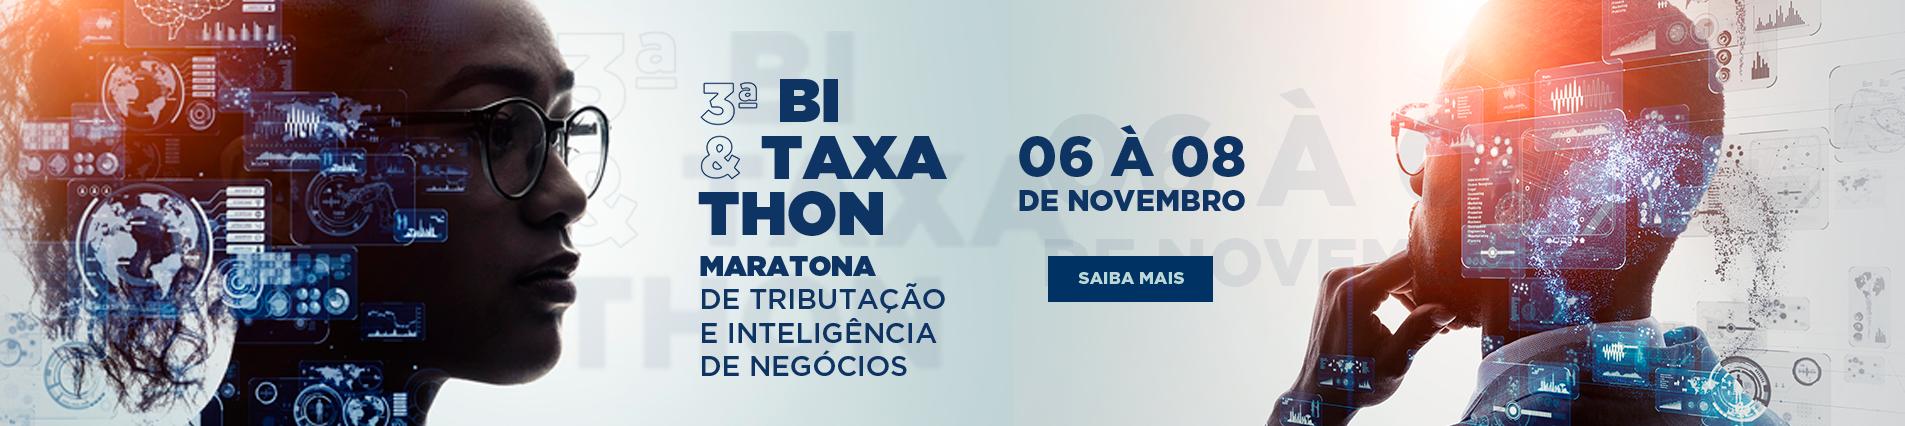 1905X426 - BI TAXATHON